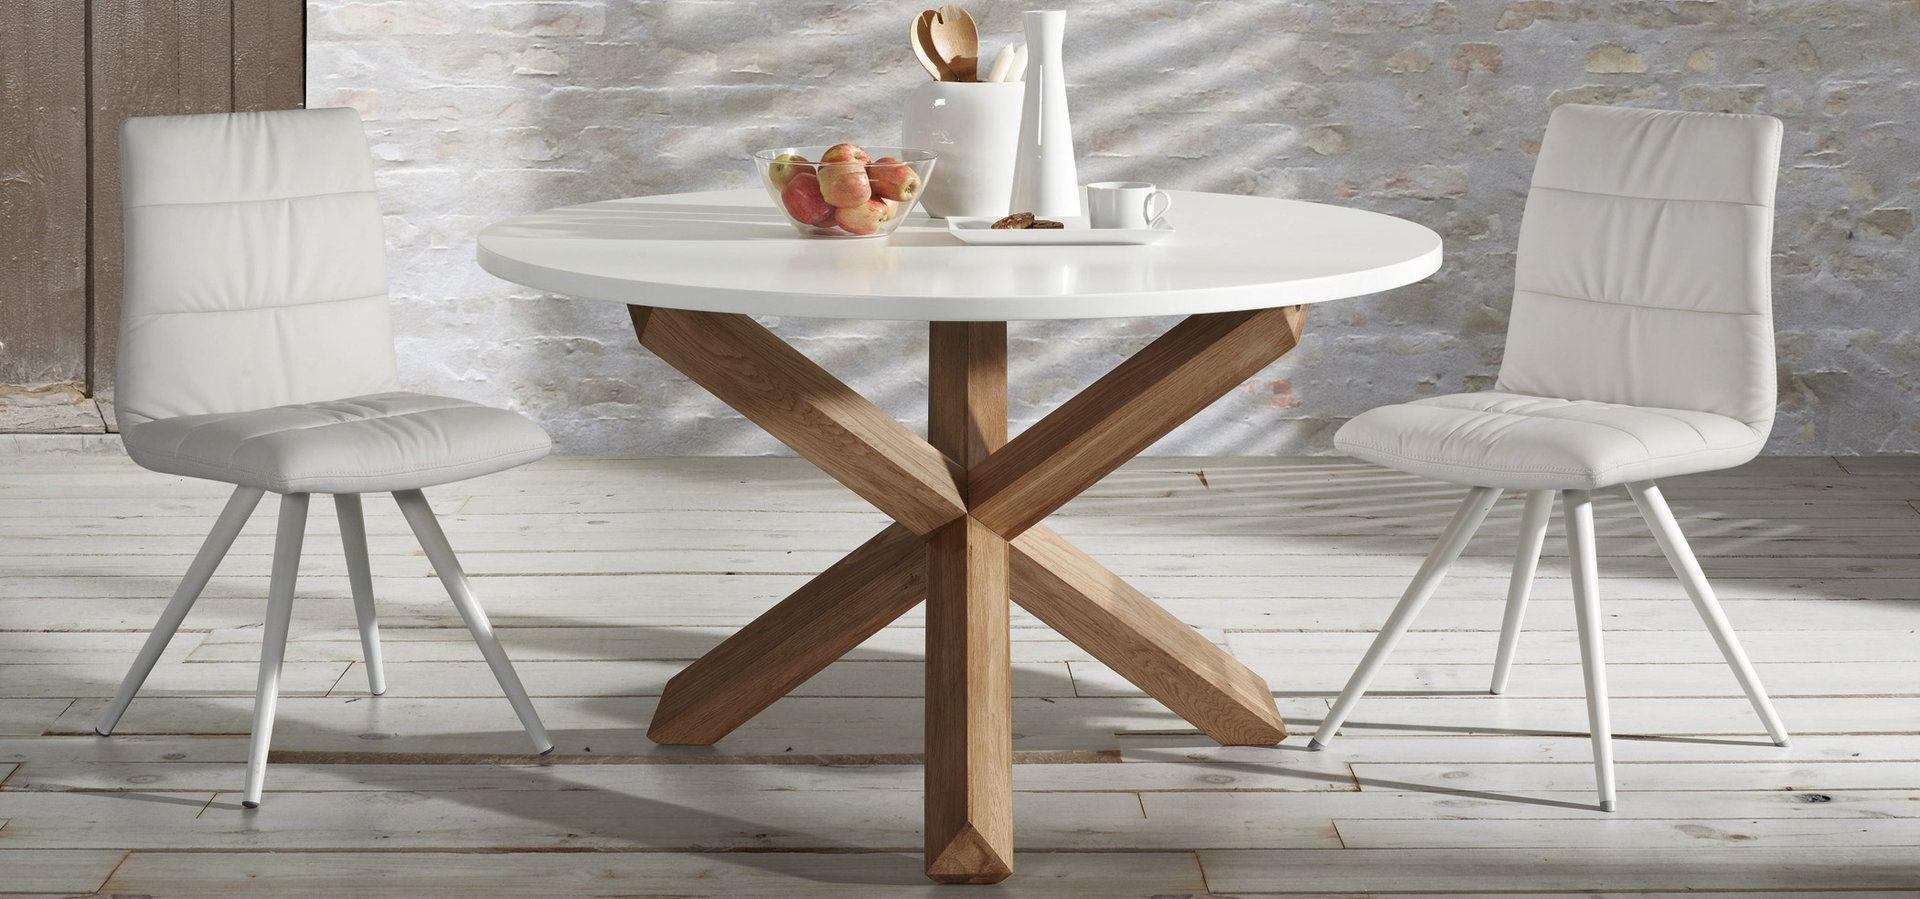 Mesa de comedor moderna redonda nori mesas comedor for Mesas redondas modernas comedor